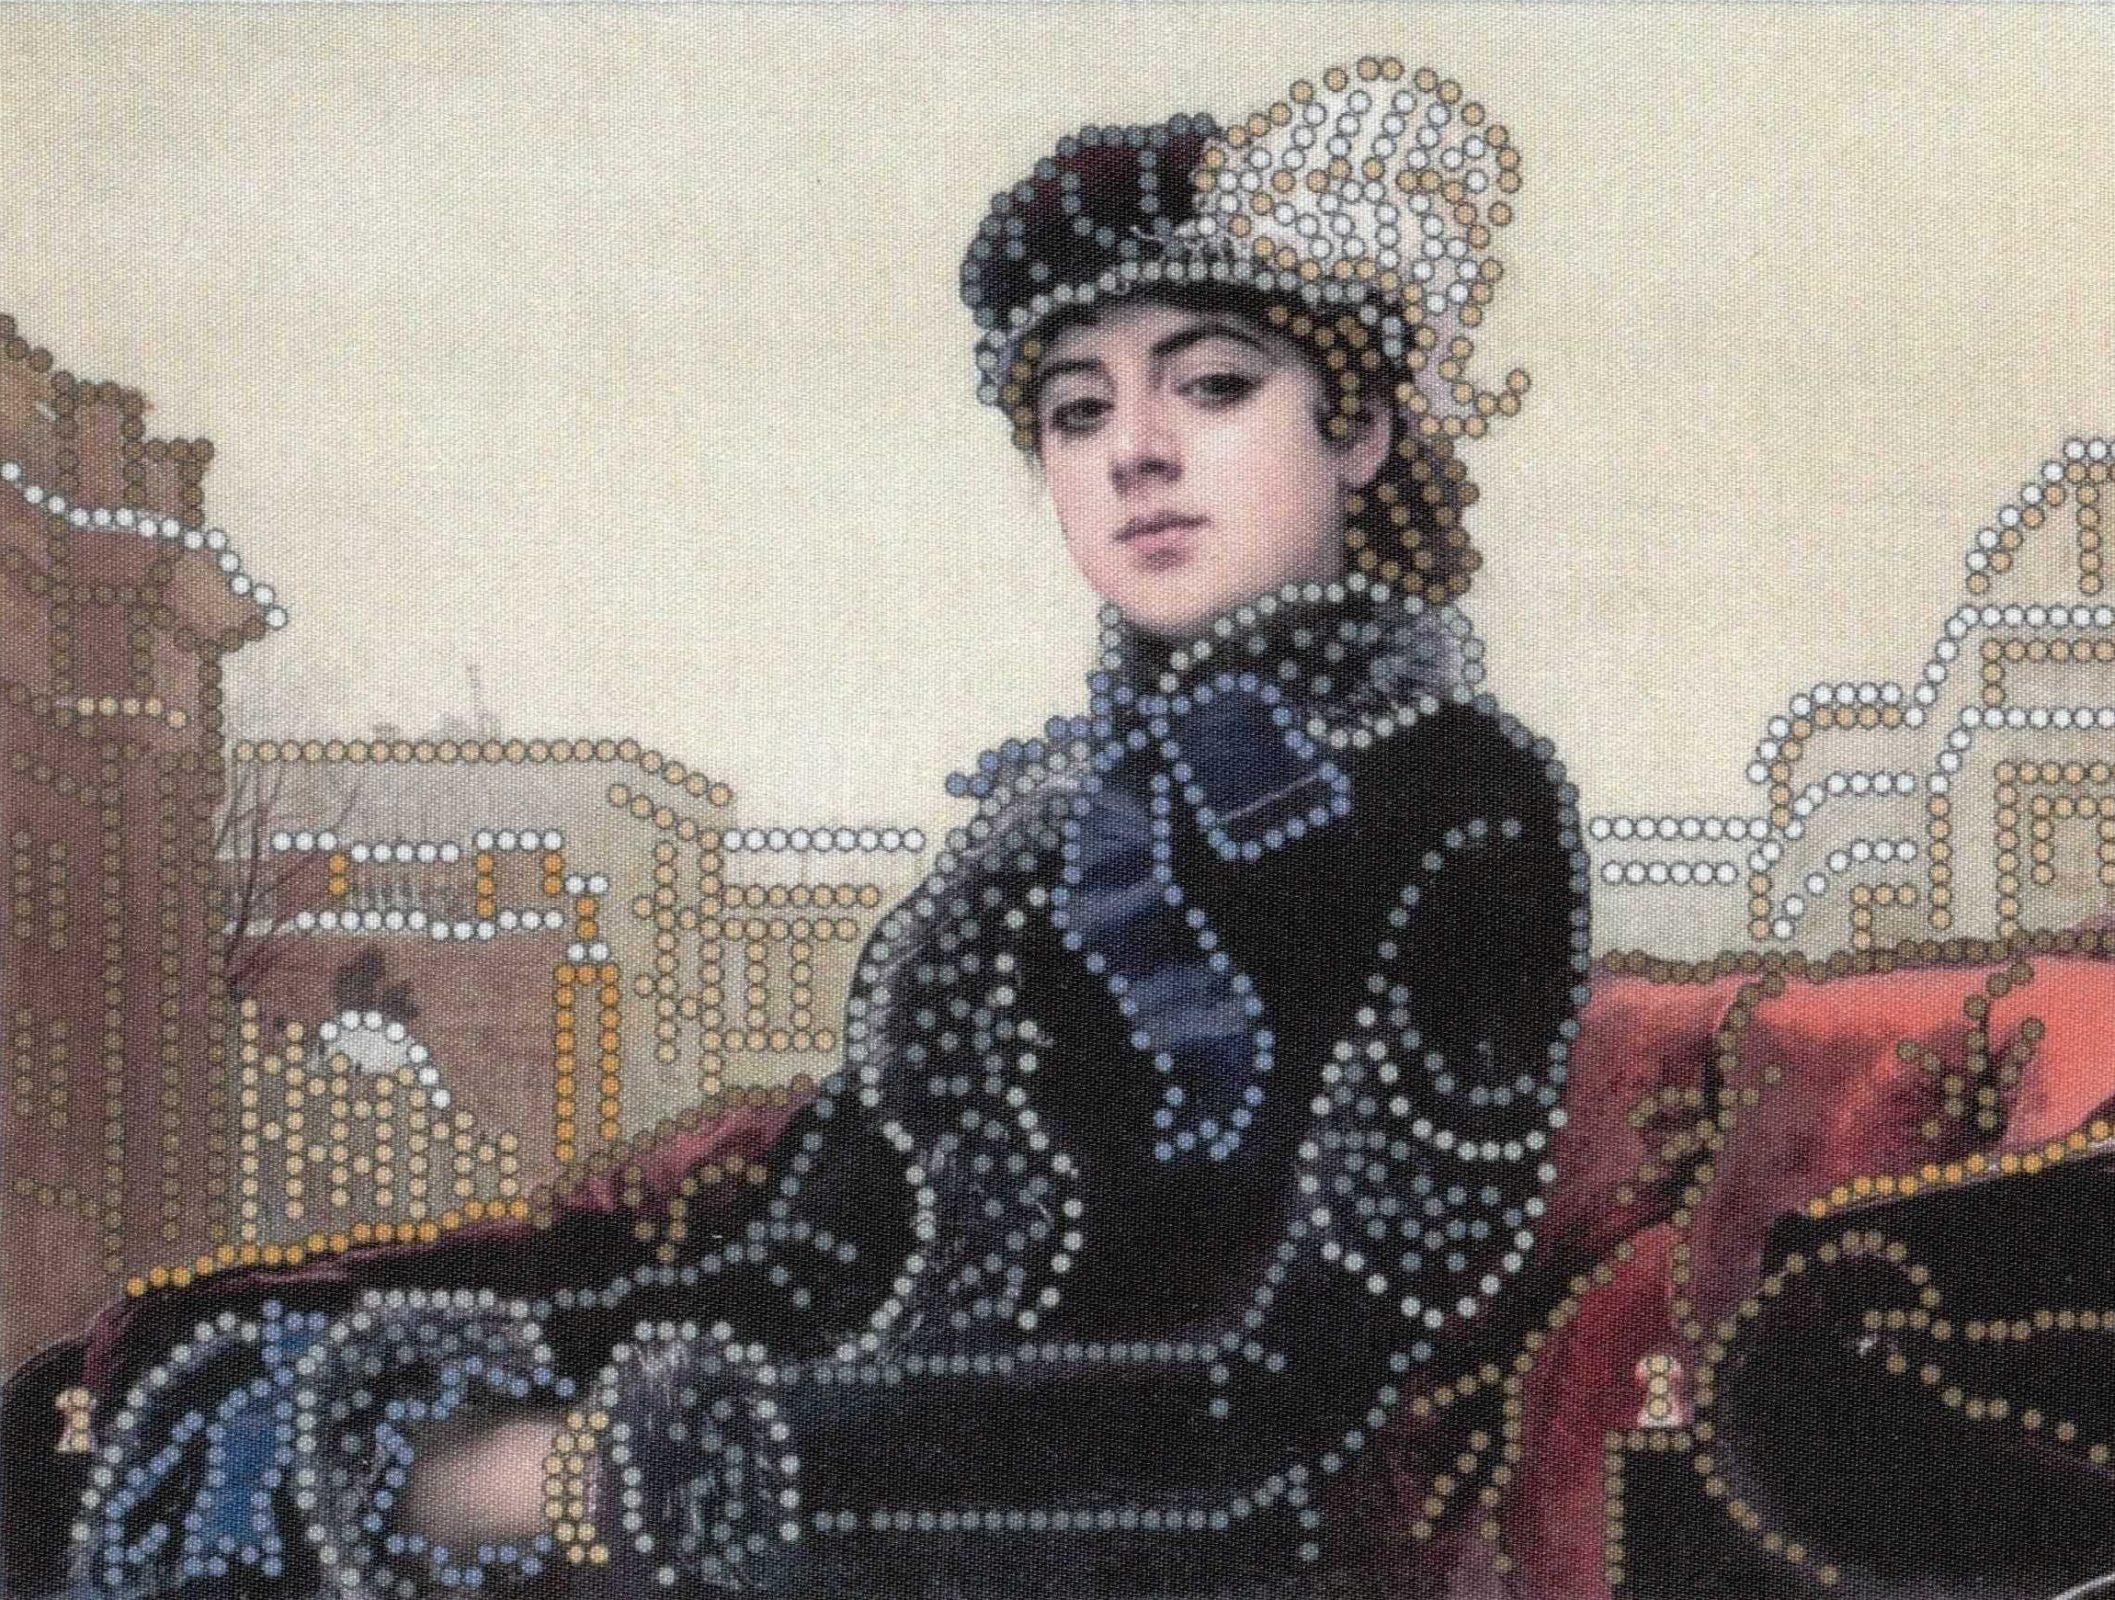 Вышивка Бисером Картины Незнакомка